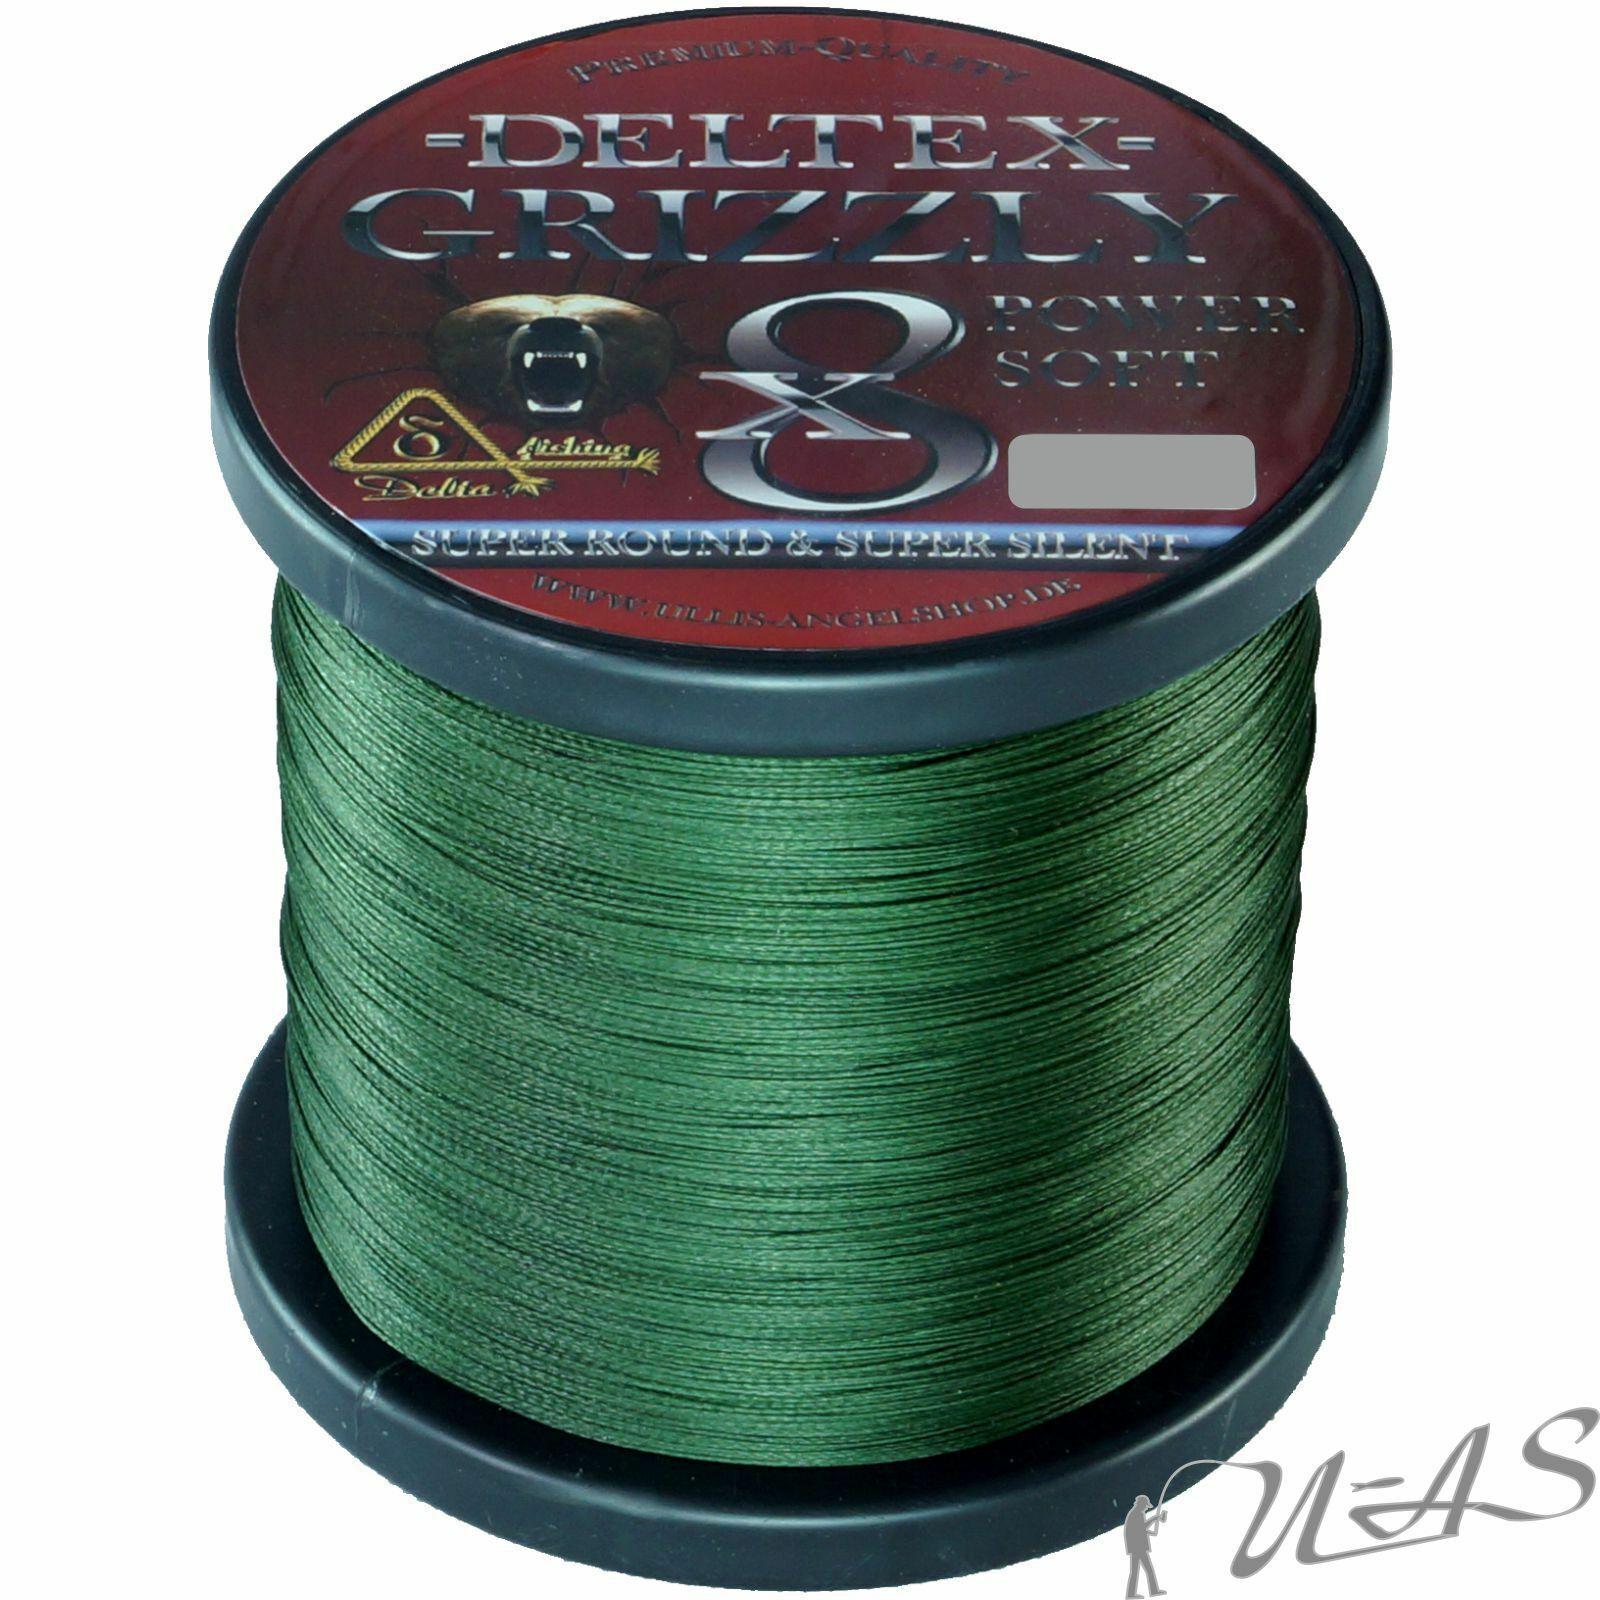 Deltex GRIZZLY verde 0.14mm 18,10kg 1000m 8 volte intrecciato Hi Tech LENZA